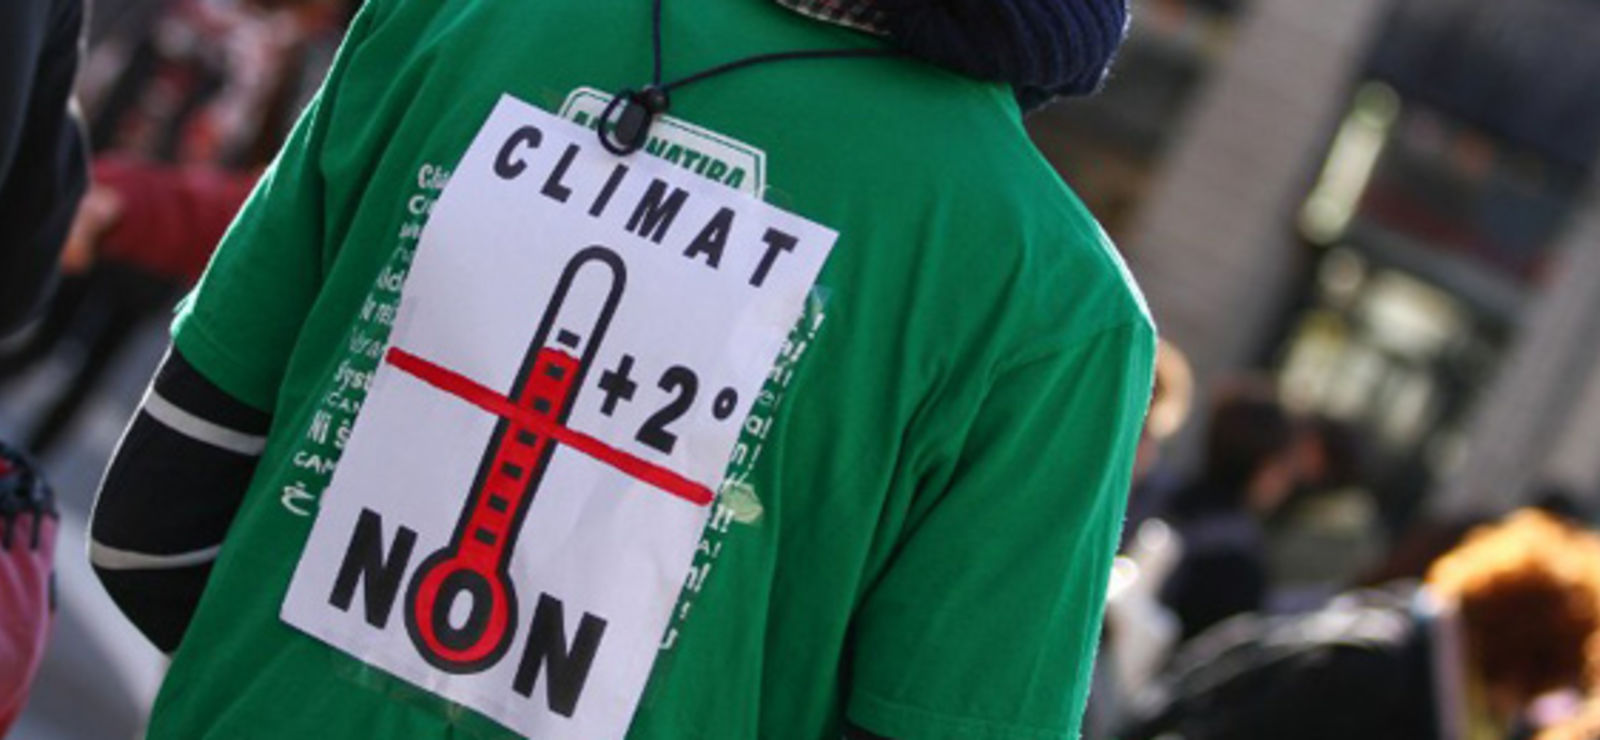 Samedi 12 décembre, journée de désobéissance civile pour le climat